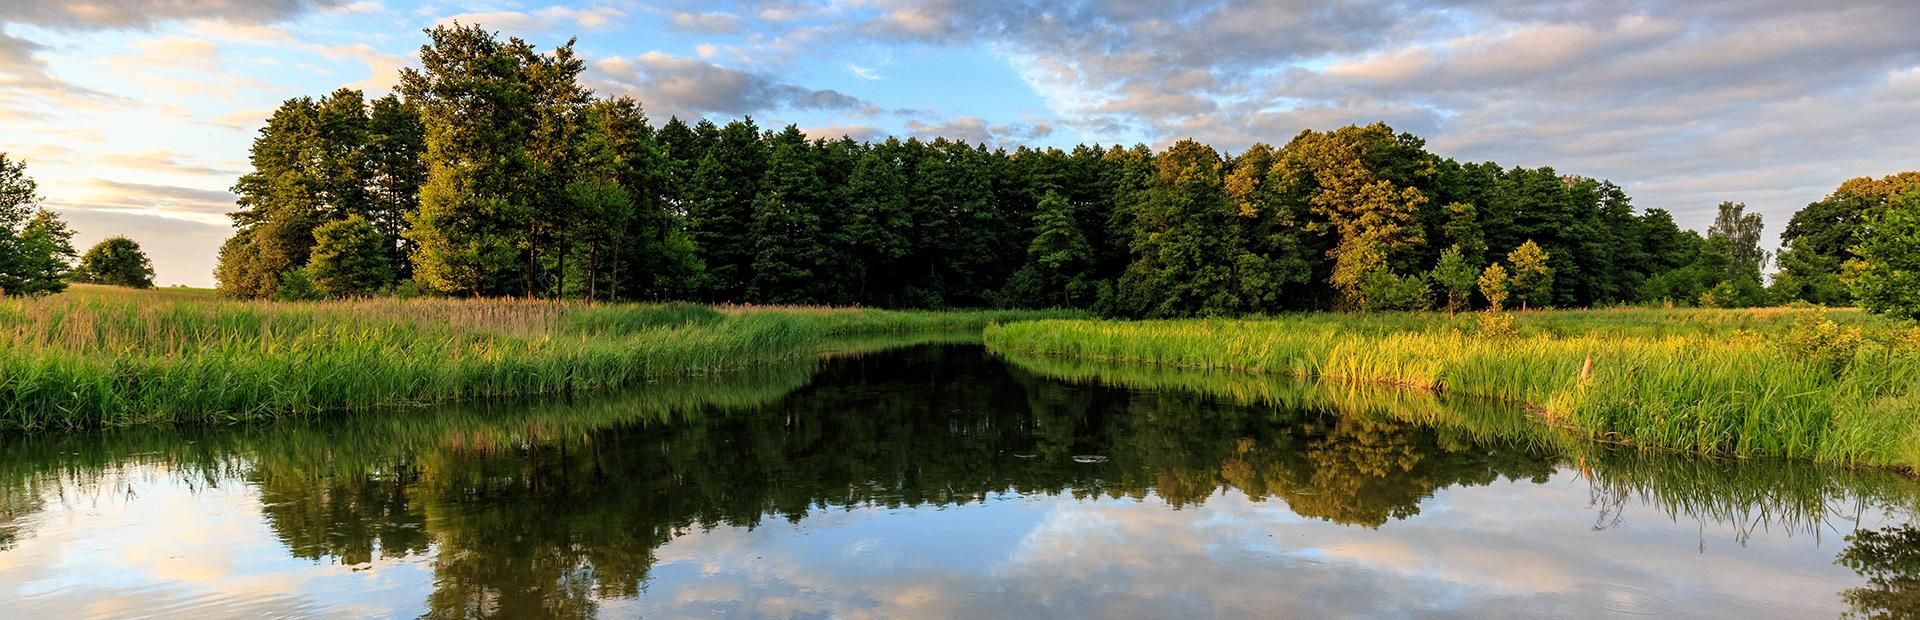 Zdjęcie przedstawia spokojną rzekę Krutynię w czasie zachodu słońca, W rzece odbijają się trawy i drzewa.